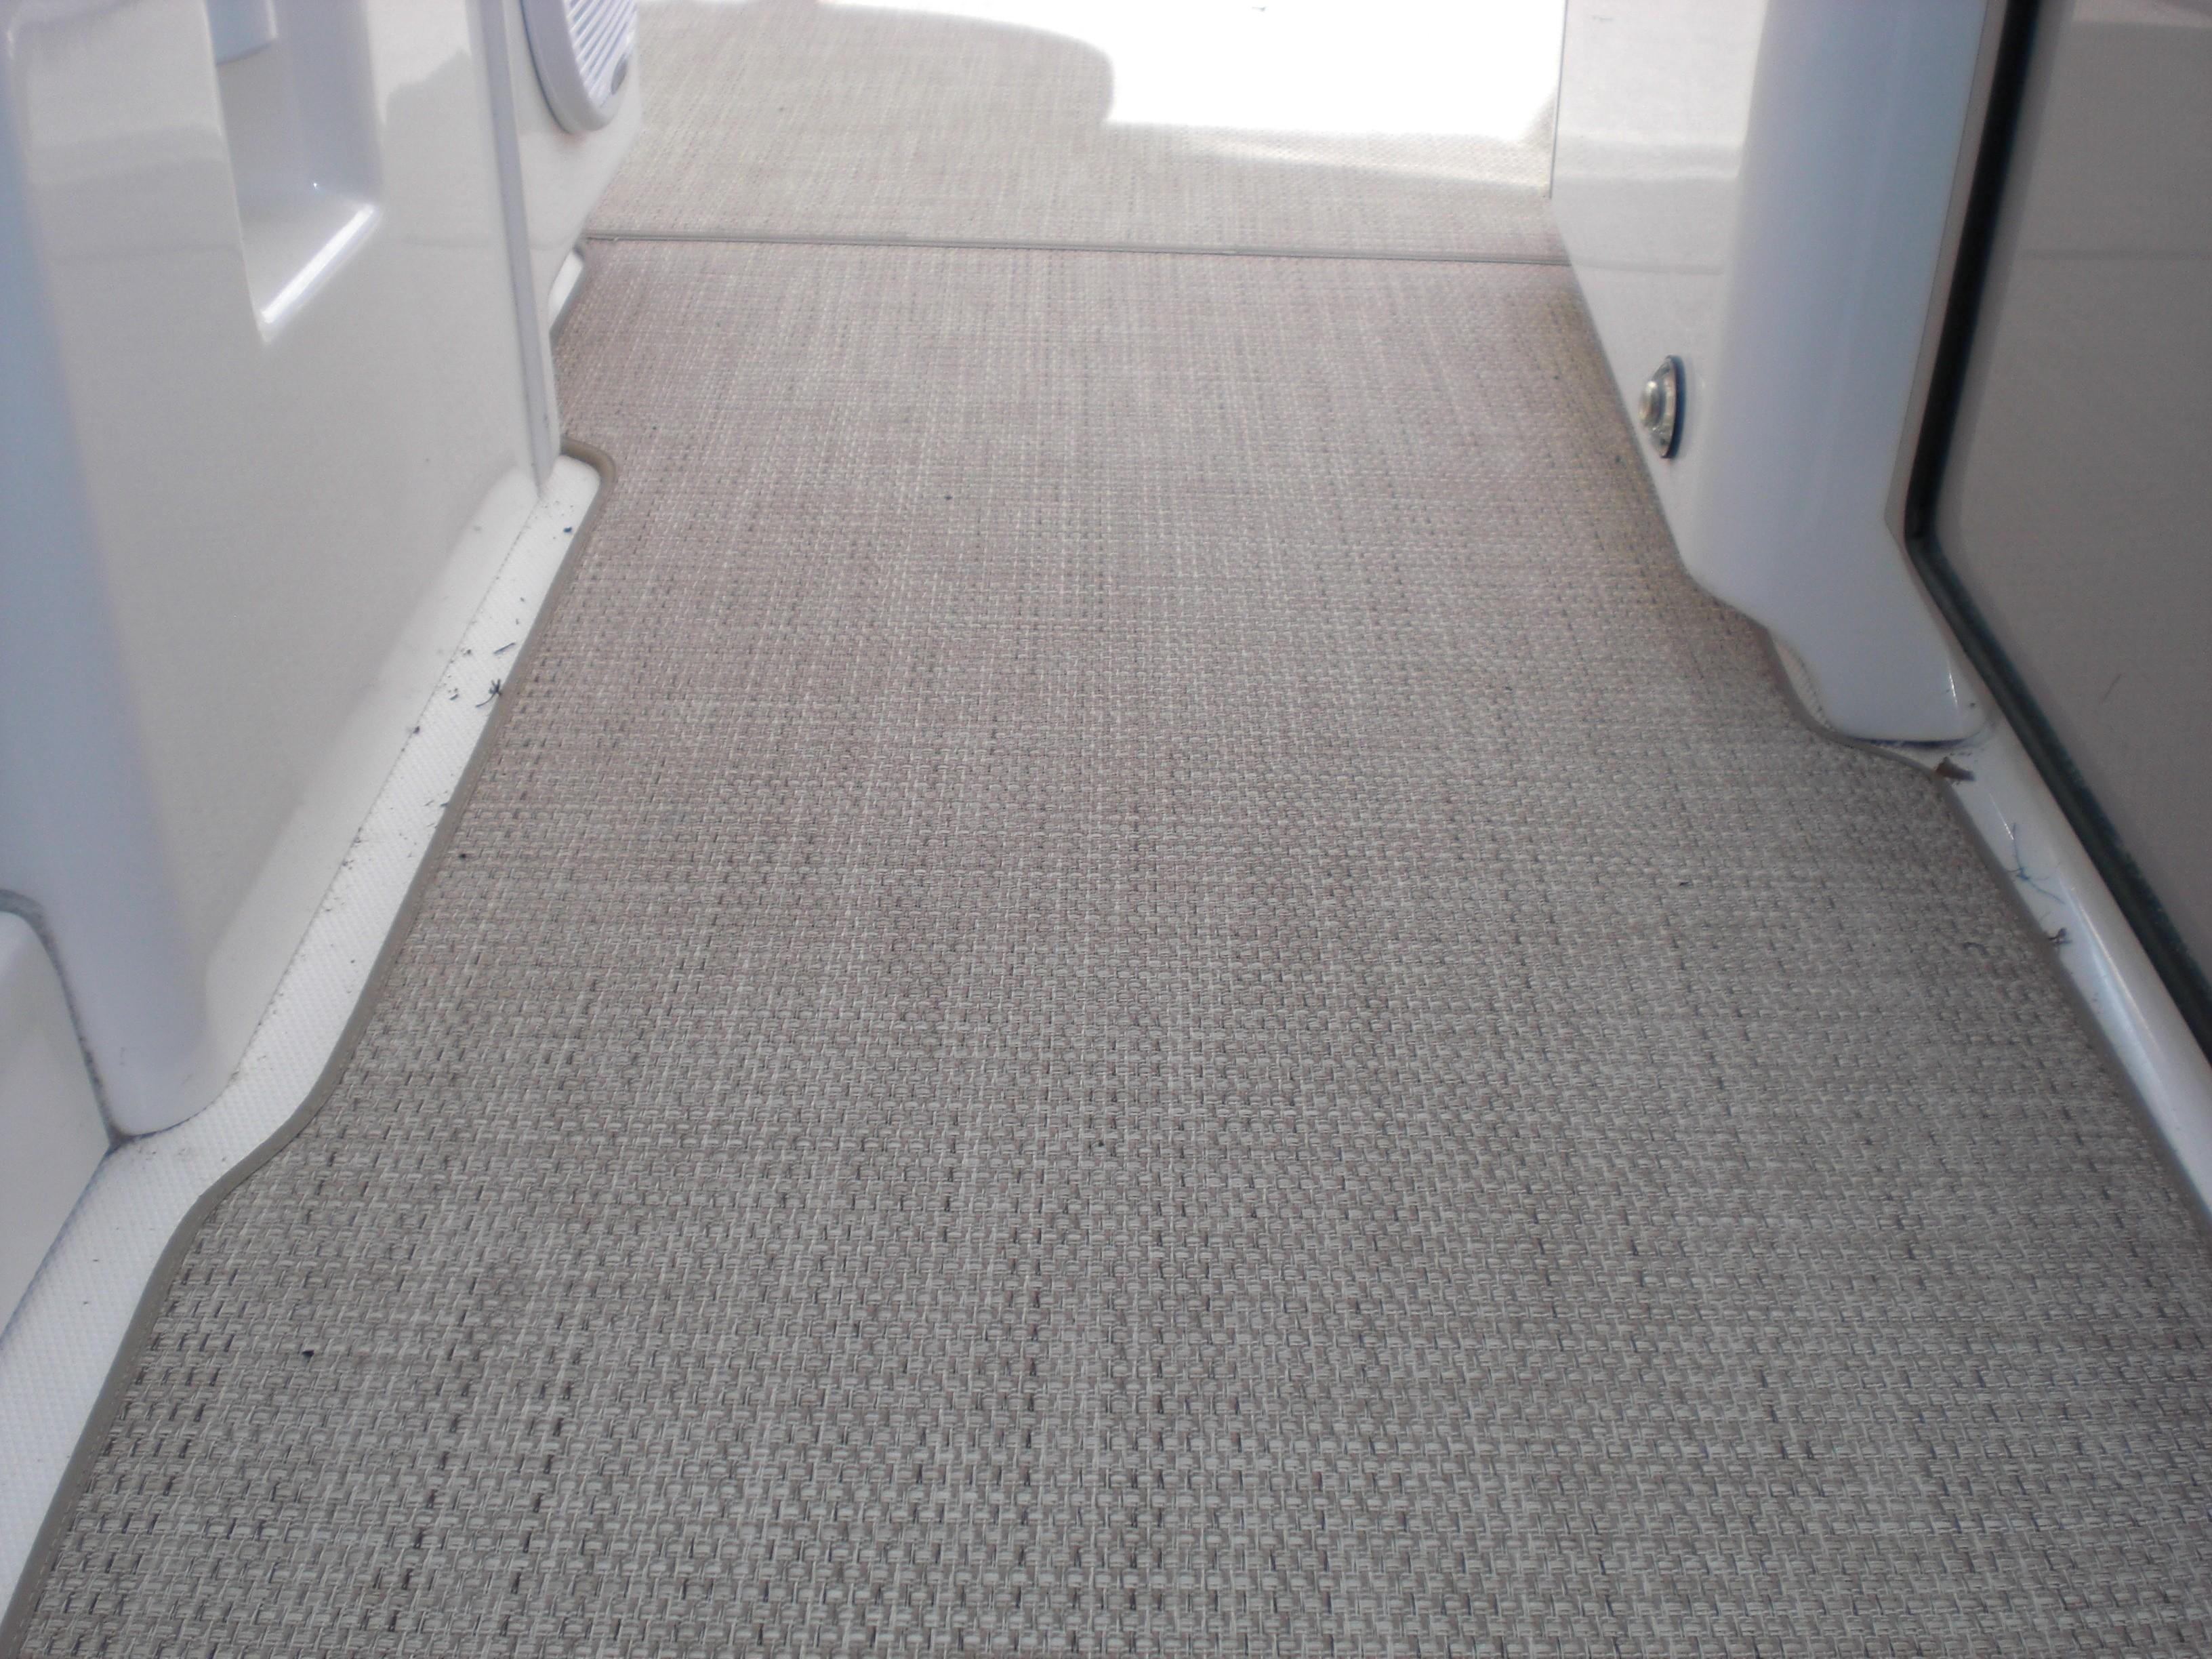 Sea Ray 480 Motor Yacht - New Vinyl flooring in cockpit